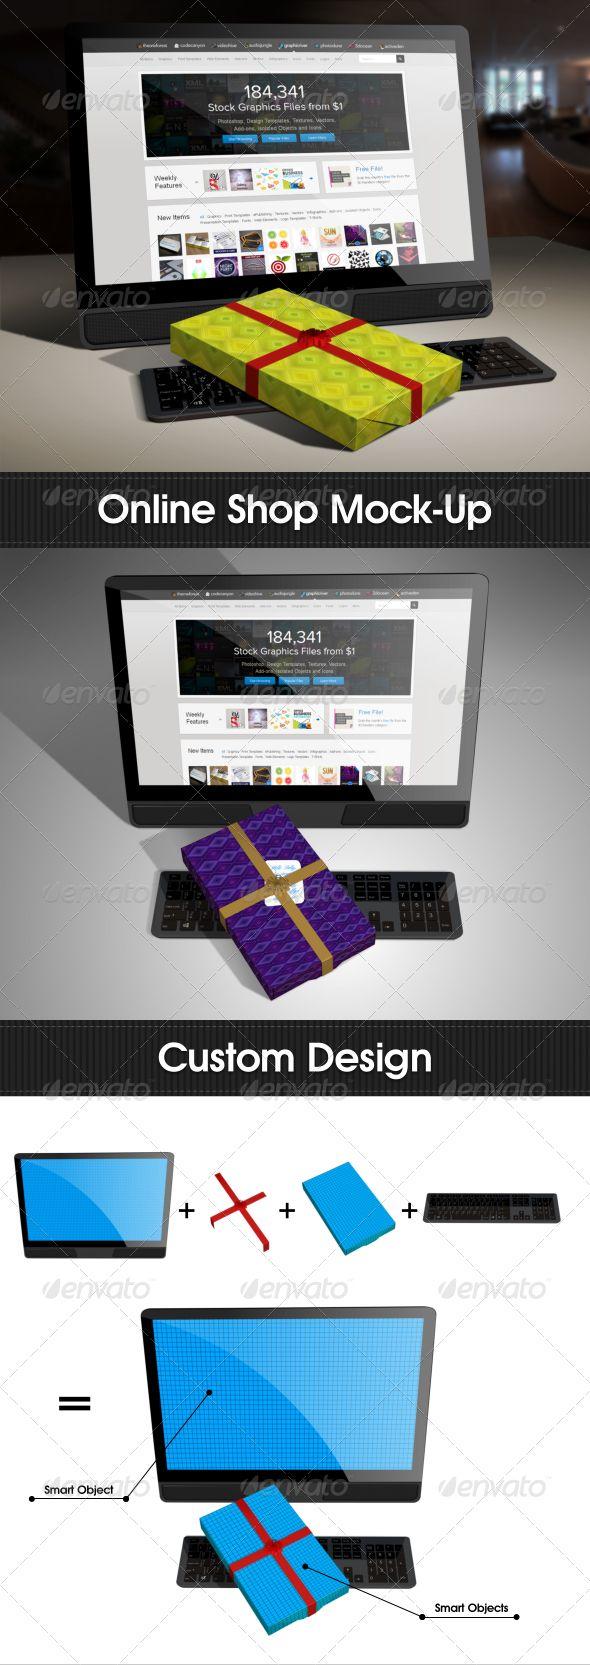 Online Shop Mock-Up  #GraphicRiver